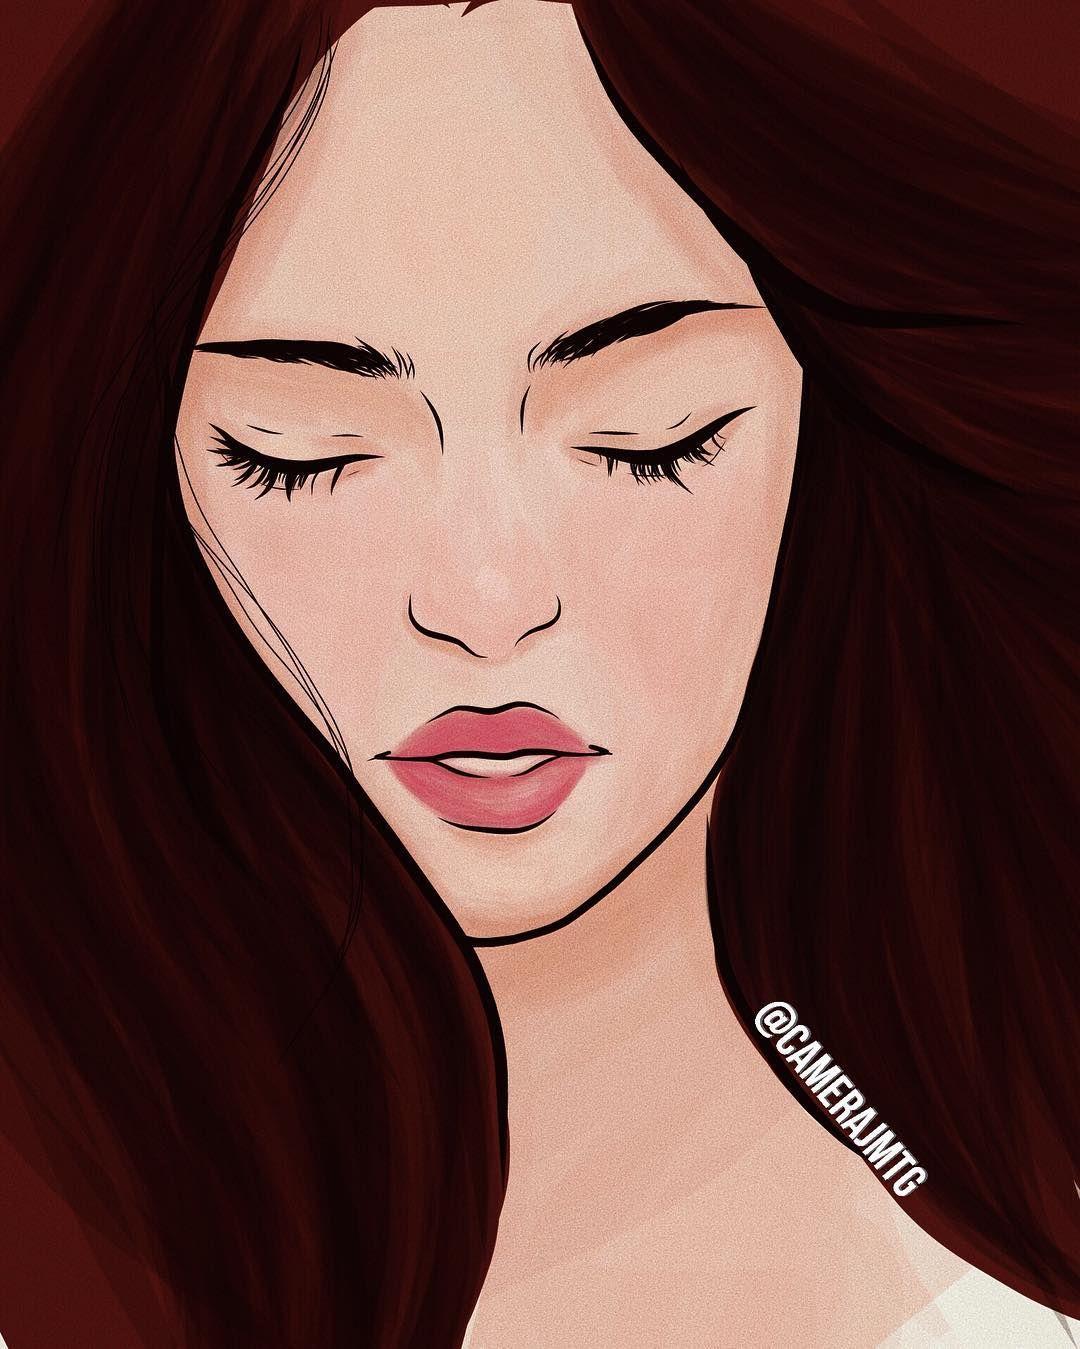 Eyes Girl Hair Lips Outline Outlines Tumblr: #outline #kna #art #work #life #tumblr #girl #girls